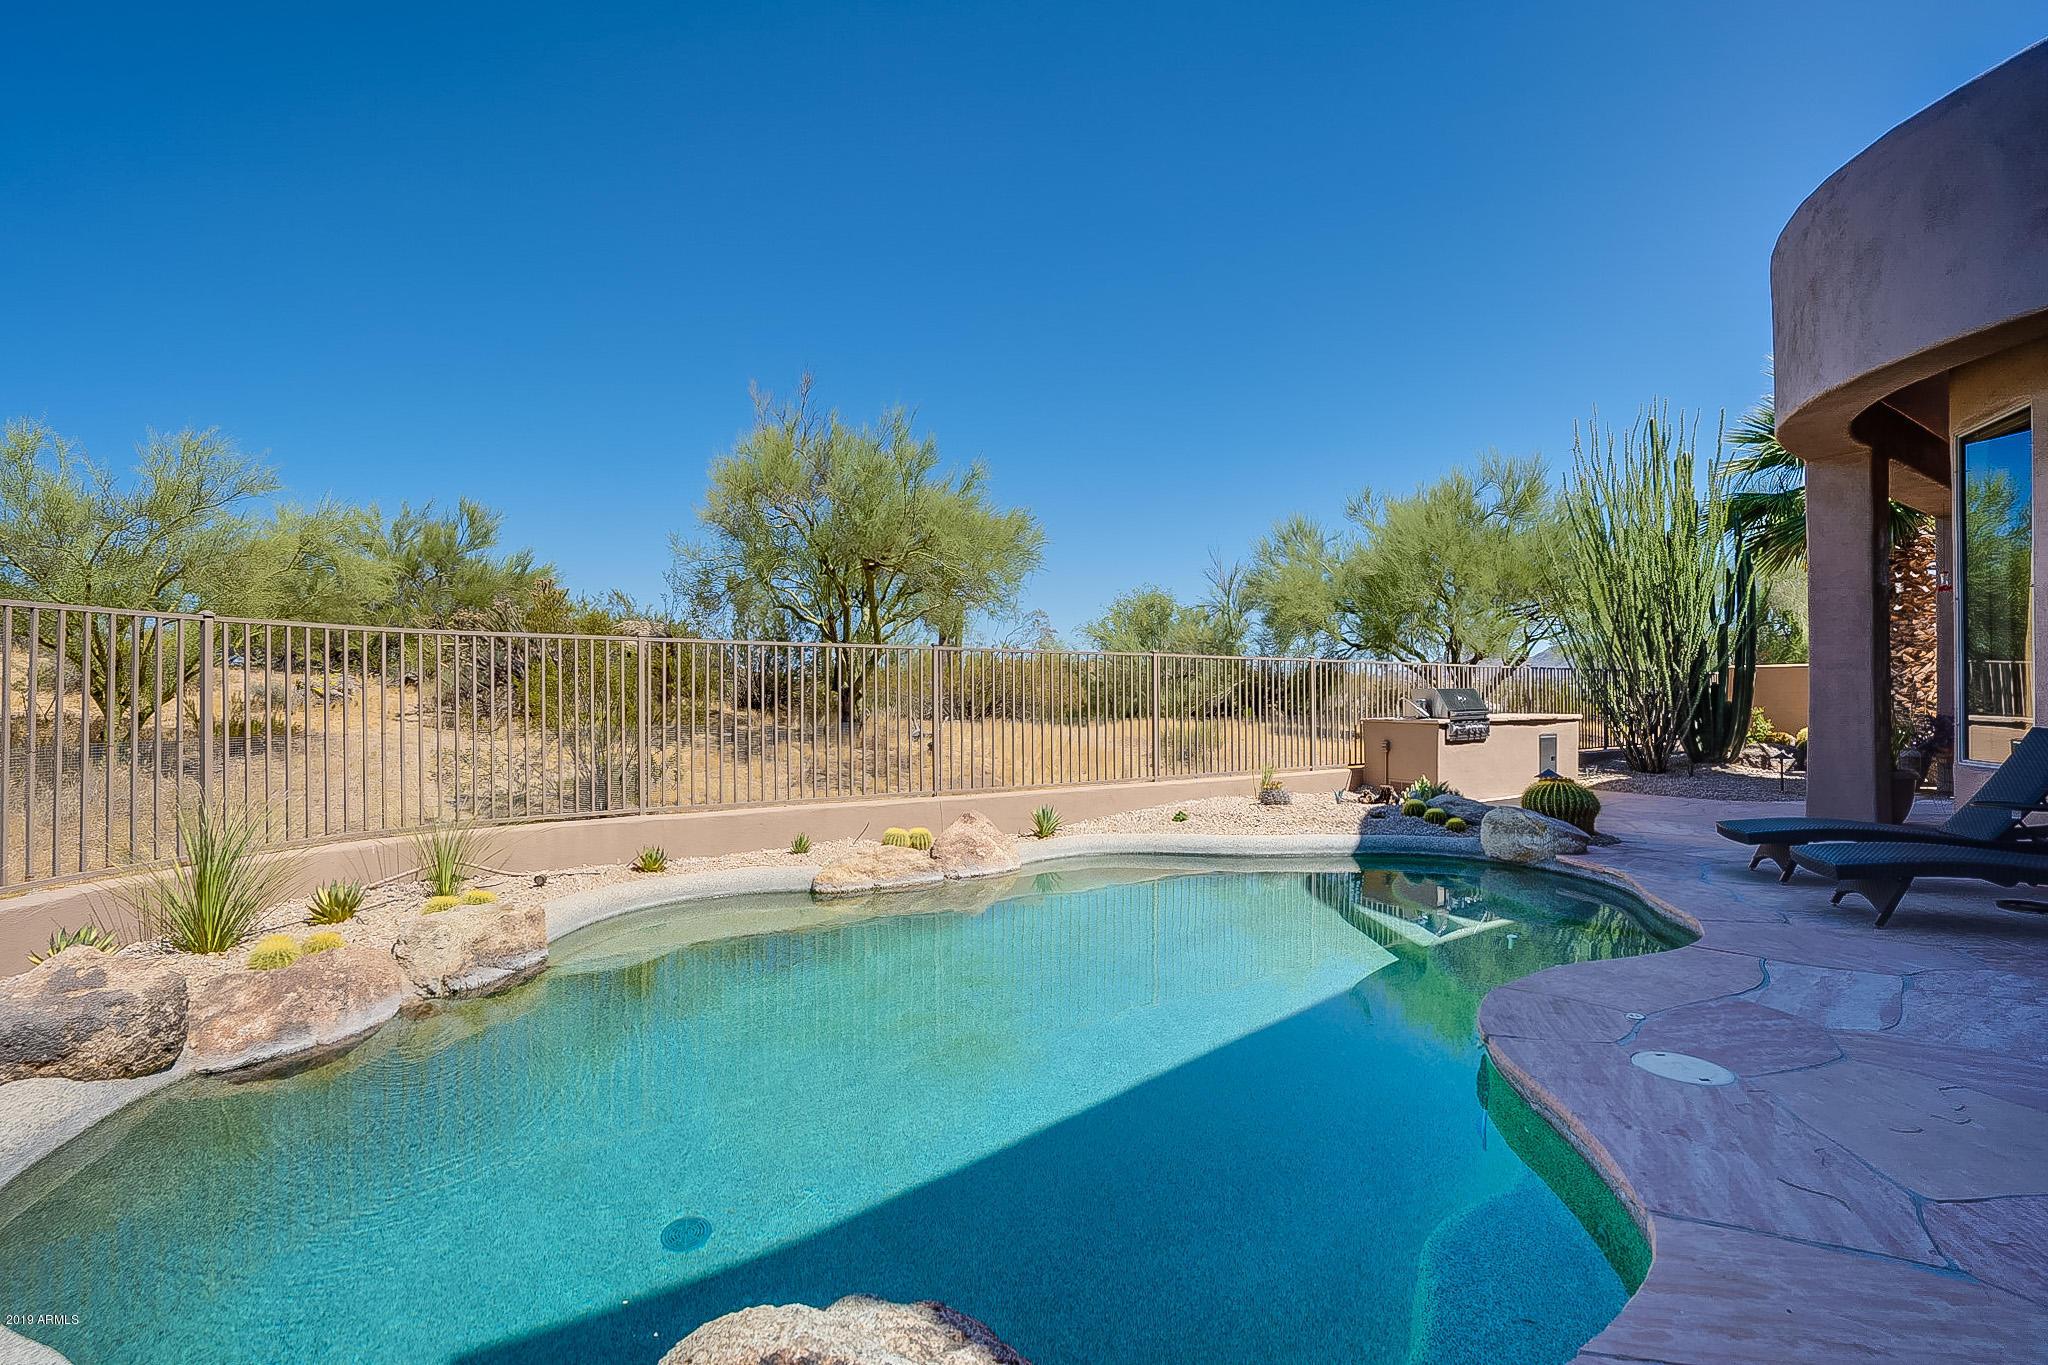 MLS 5968393 28113 N 108TH Way, Scottsdale, AZ 85262 Scottsdale AZ Private Pool